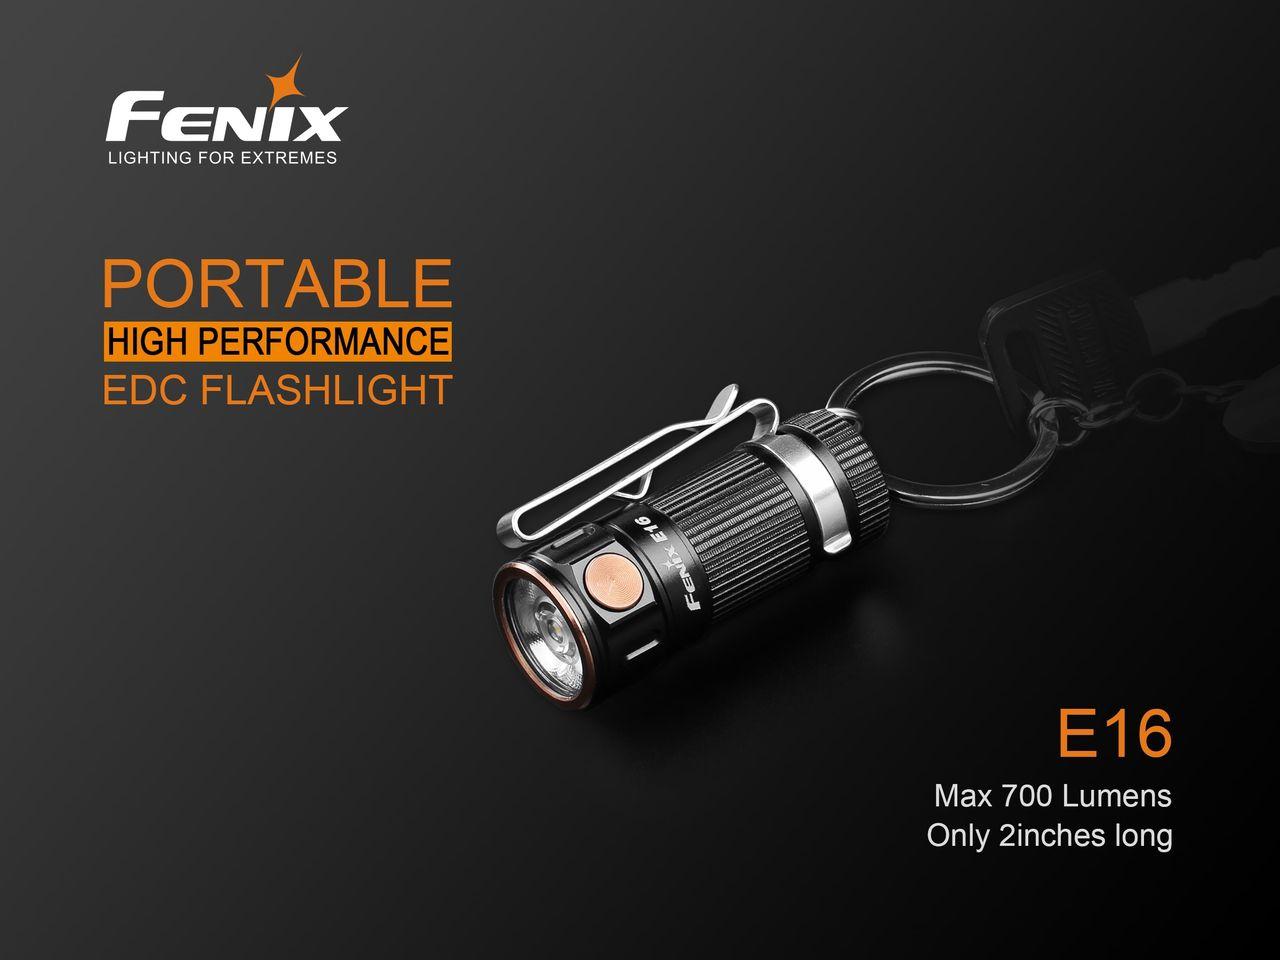 Lanterna Fenix E16 700 Lumens - Ótima para seu EDC